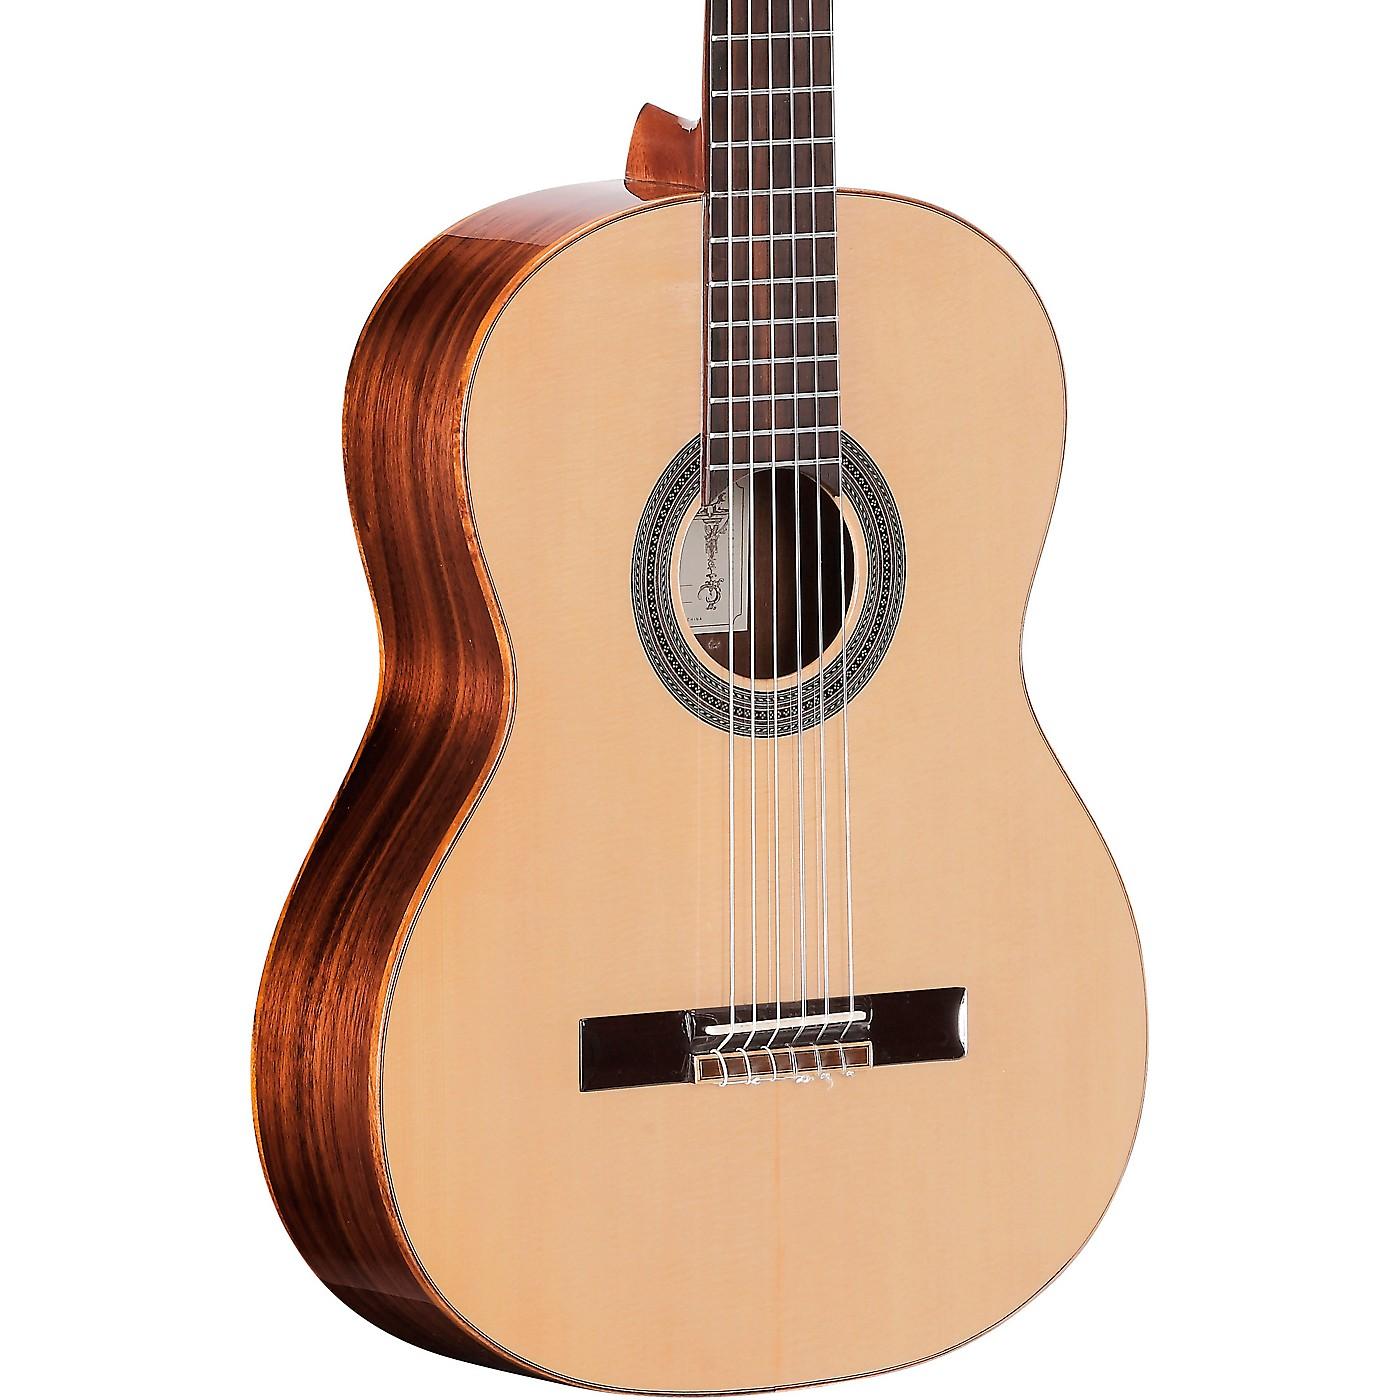 Alvarez CC7 Cadiz Concert Classical Guitar thumbnail